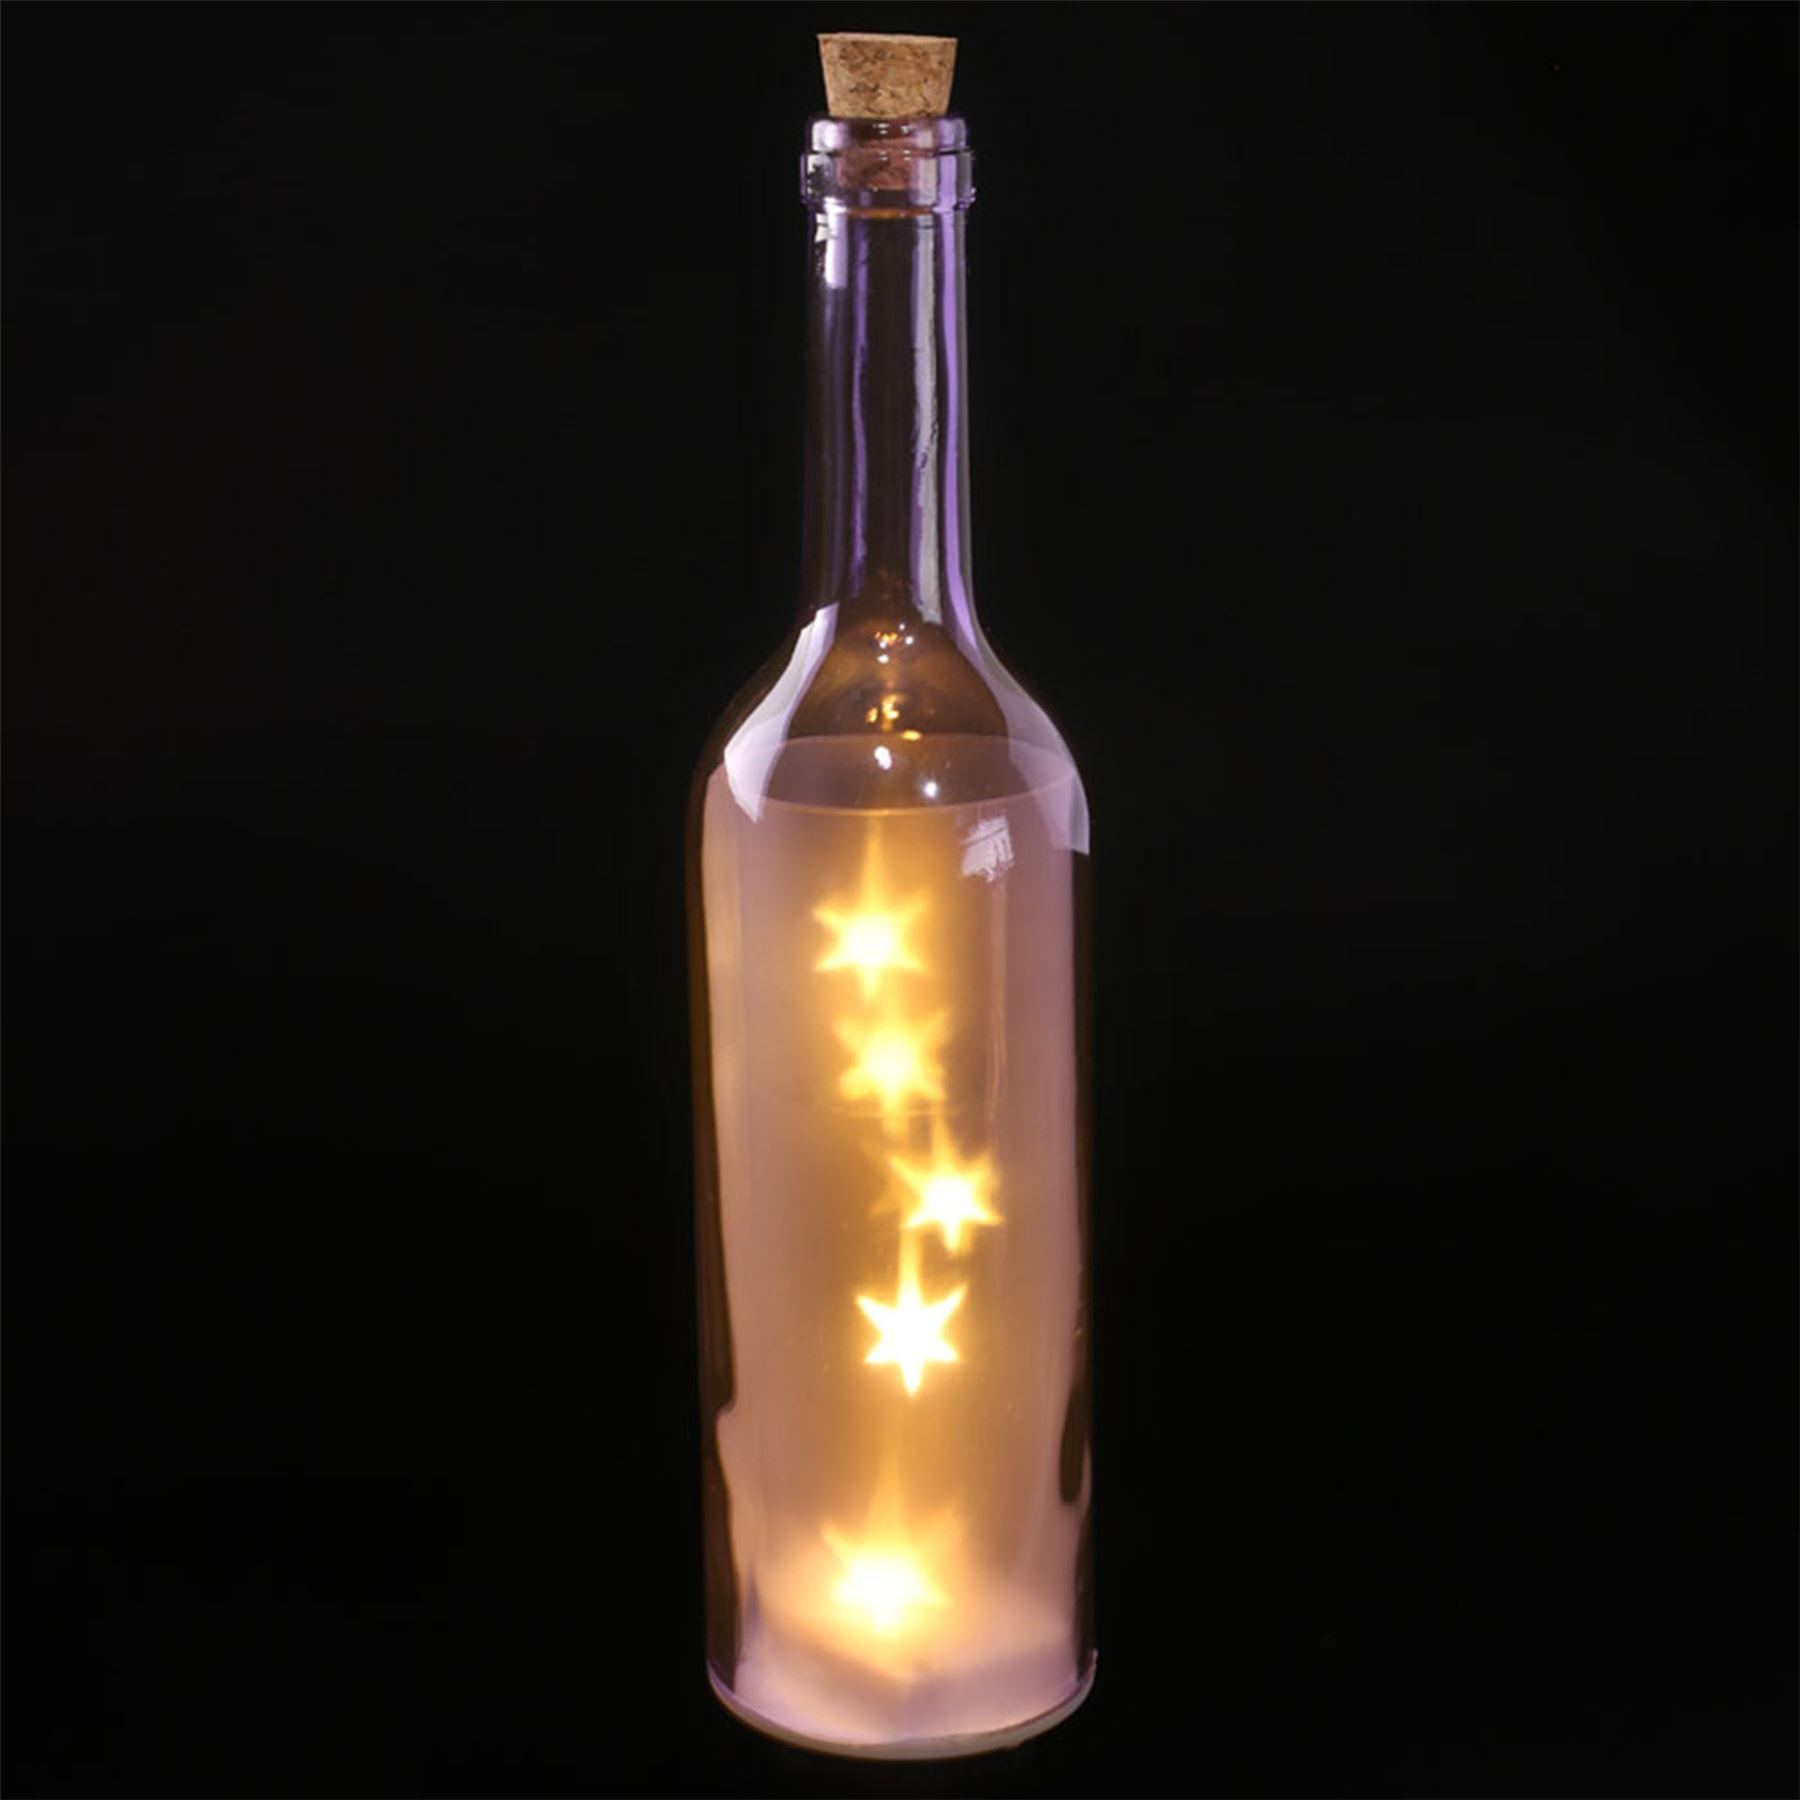 Glass wine bottle led lights 29cm high star effect battery for Glass bottles for wine